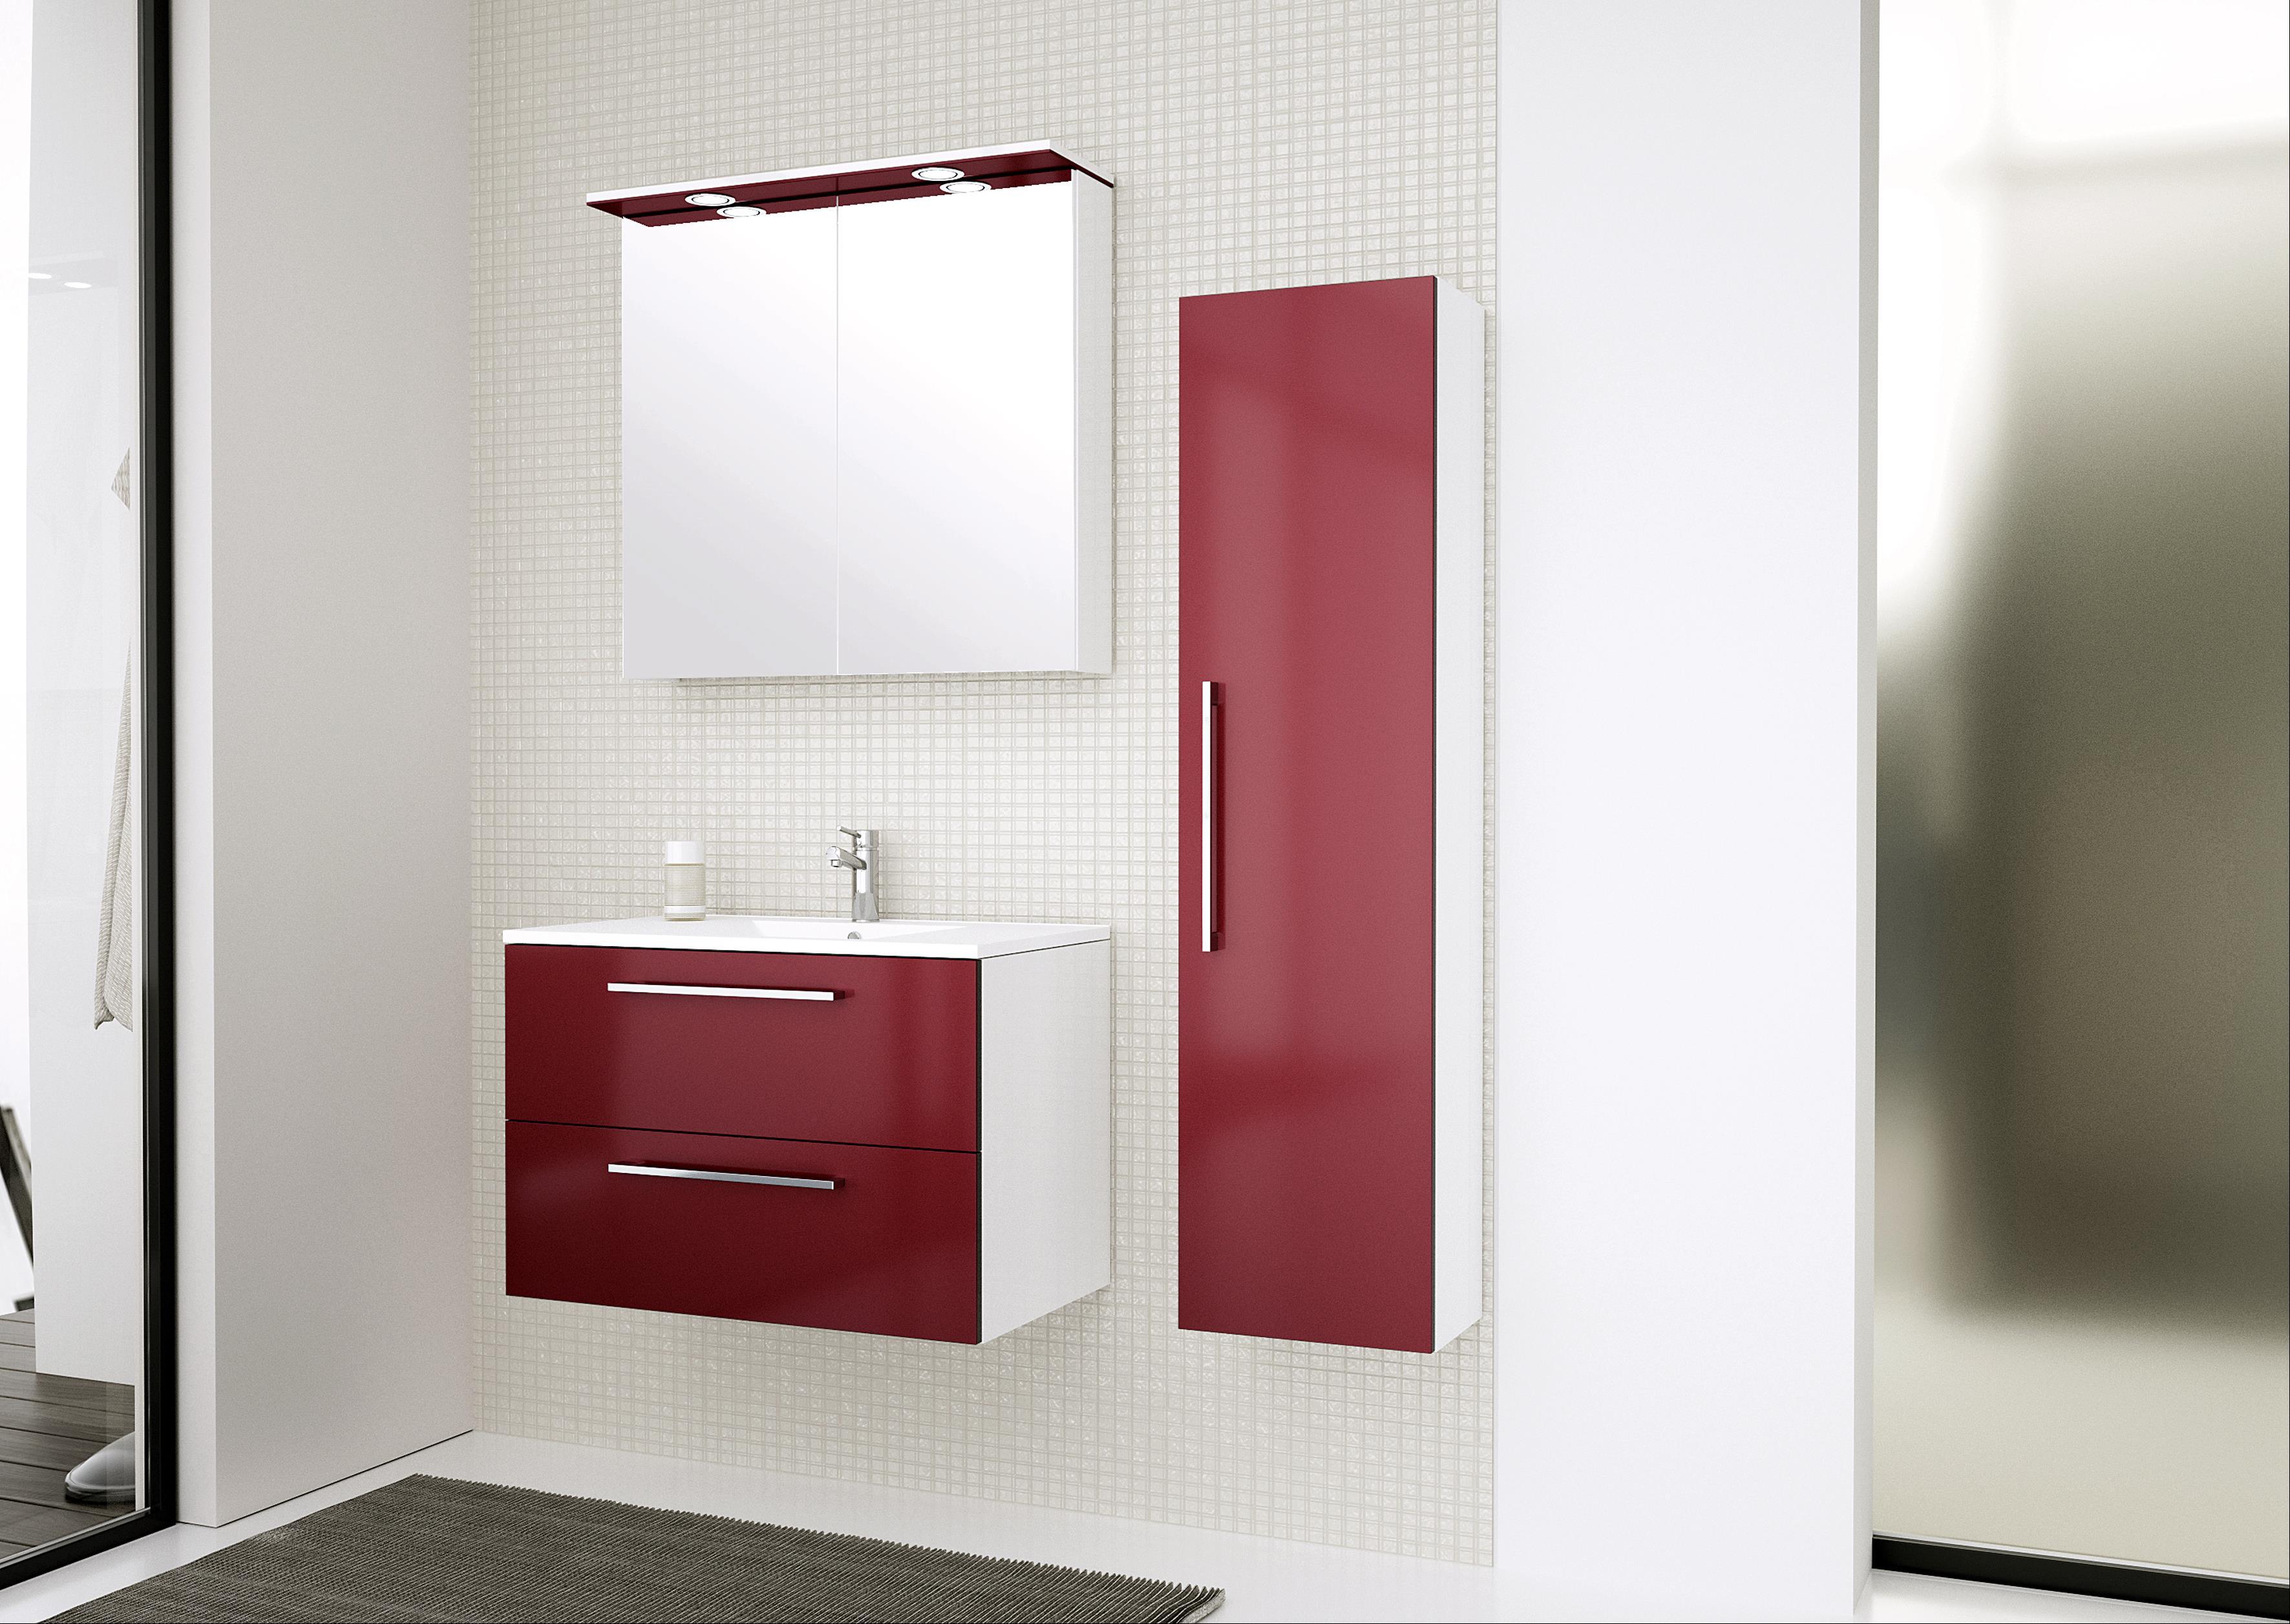 Bad Hochschrank Allegro 35 Rot glänzend Bild 4